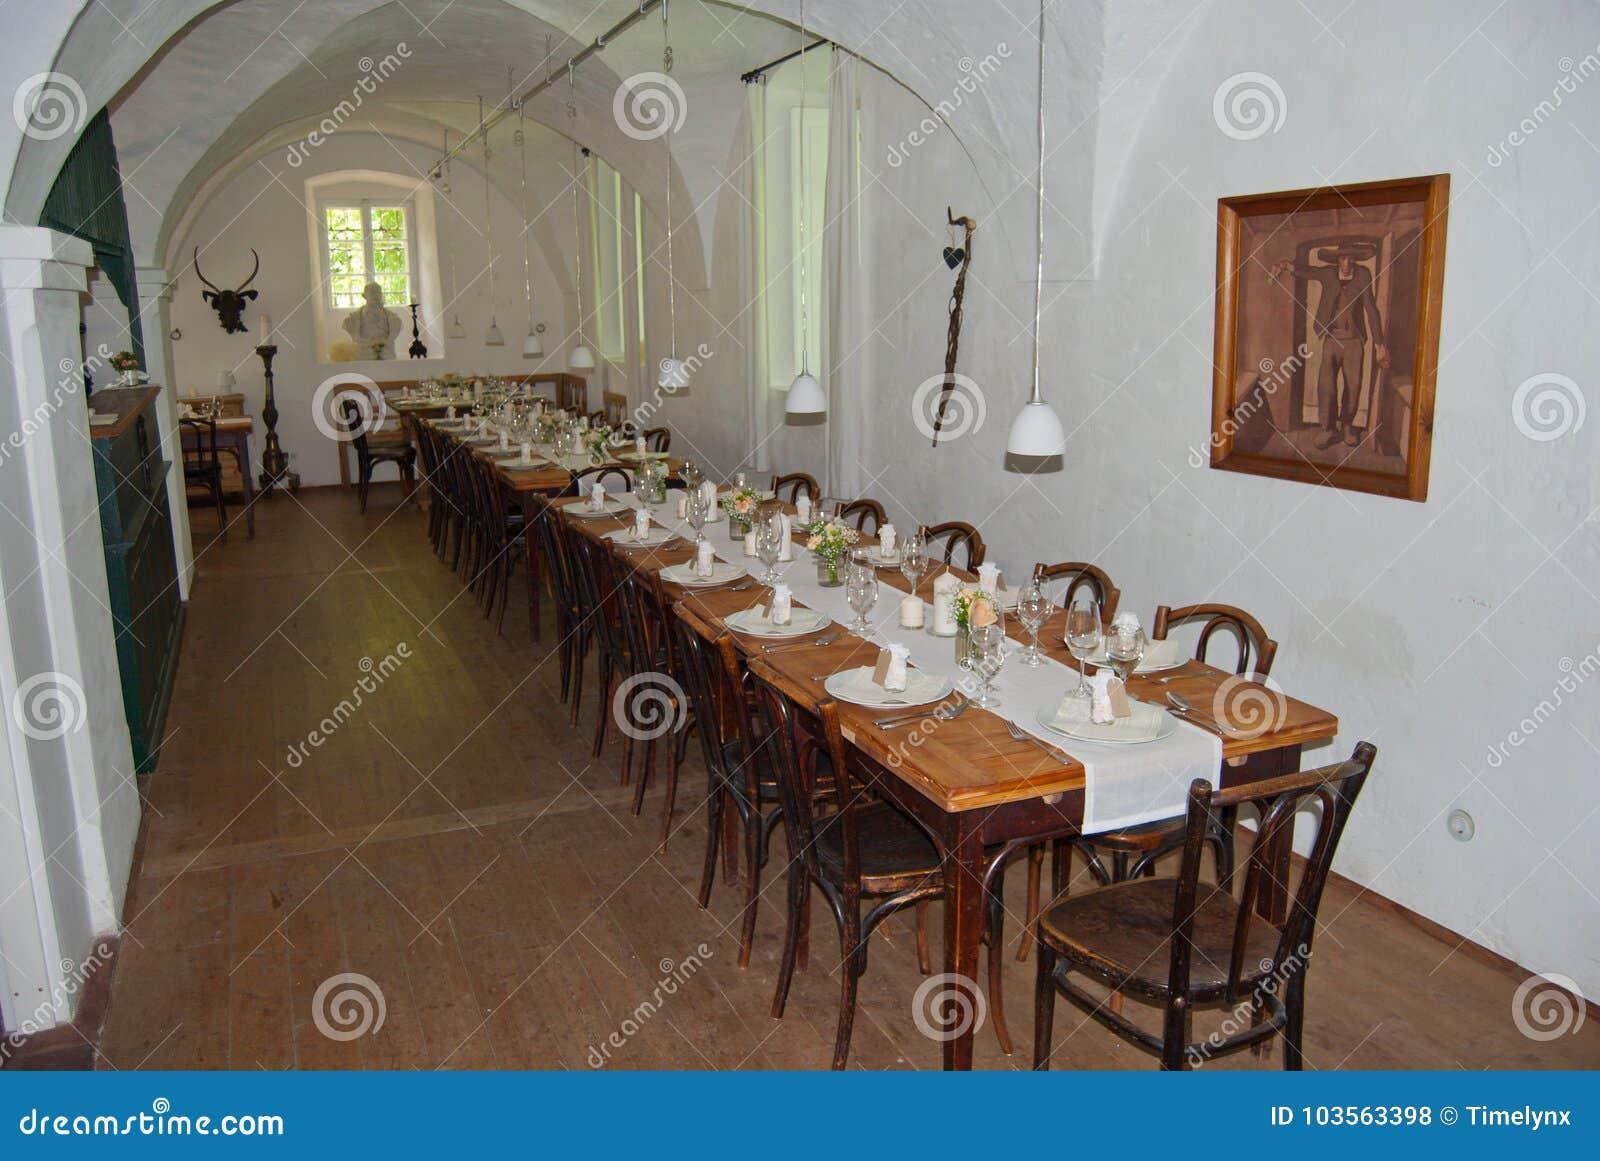 Interno della casa padronale di rottenhof in hofamt priel for Interno della casa